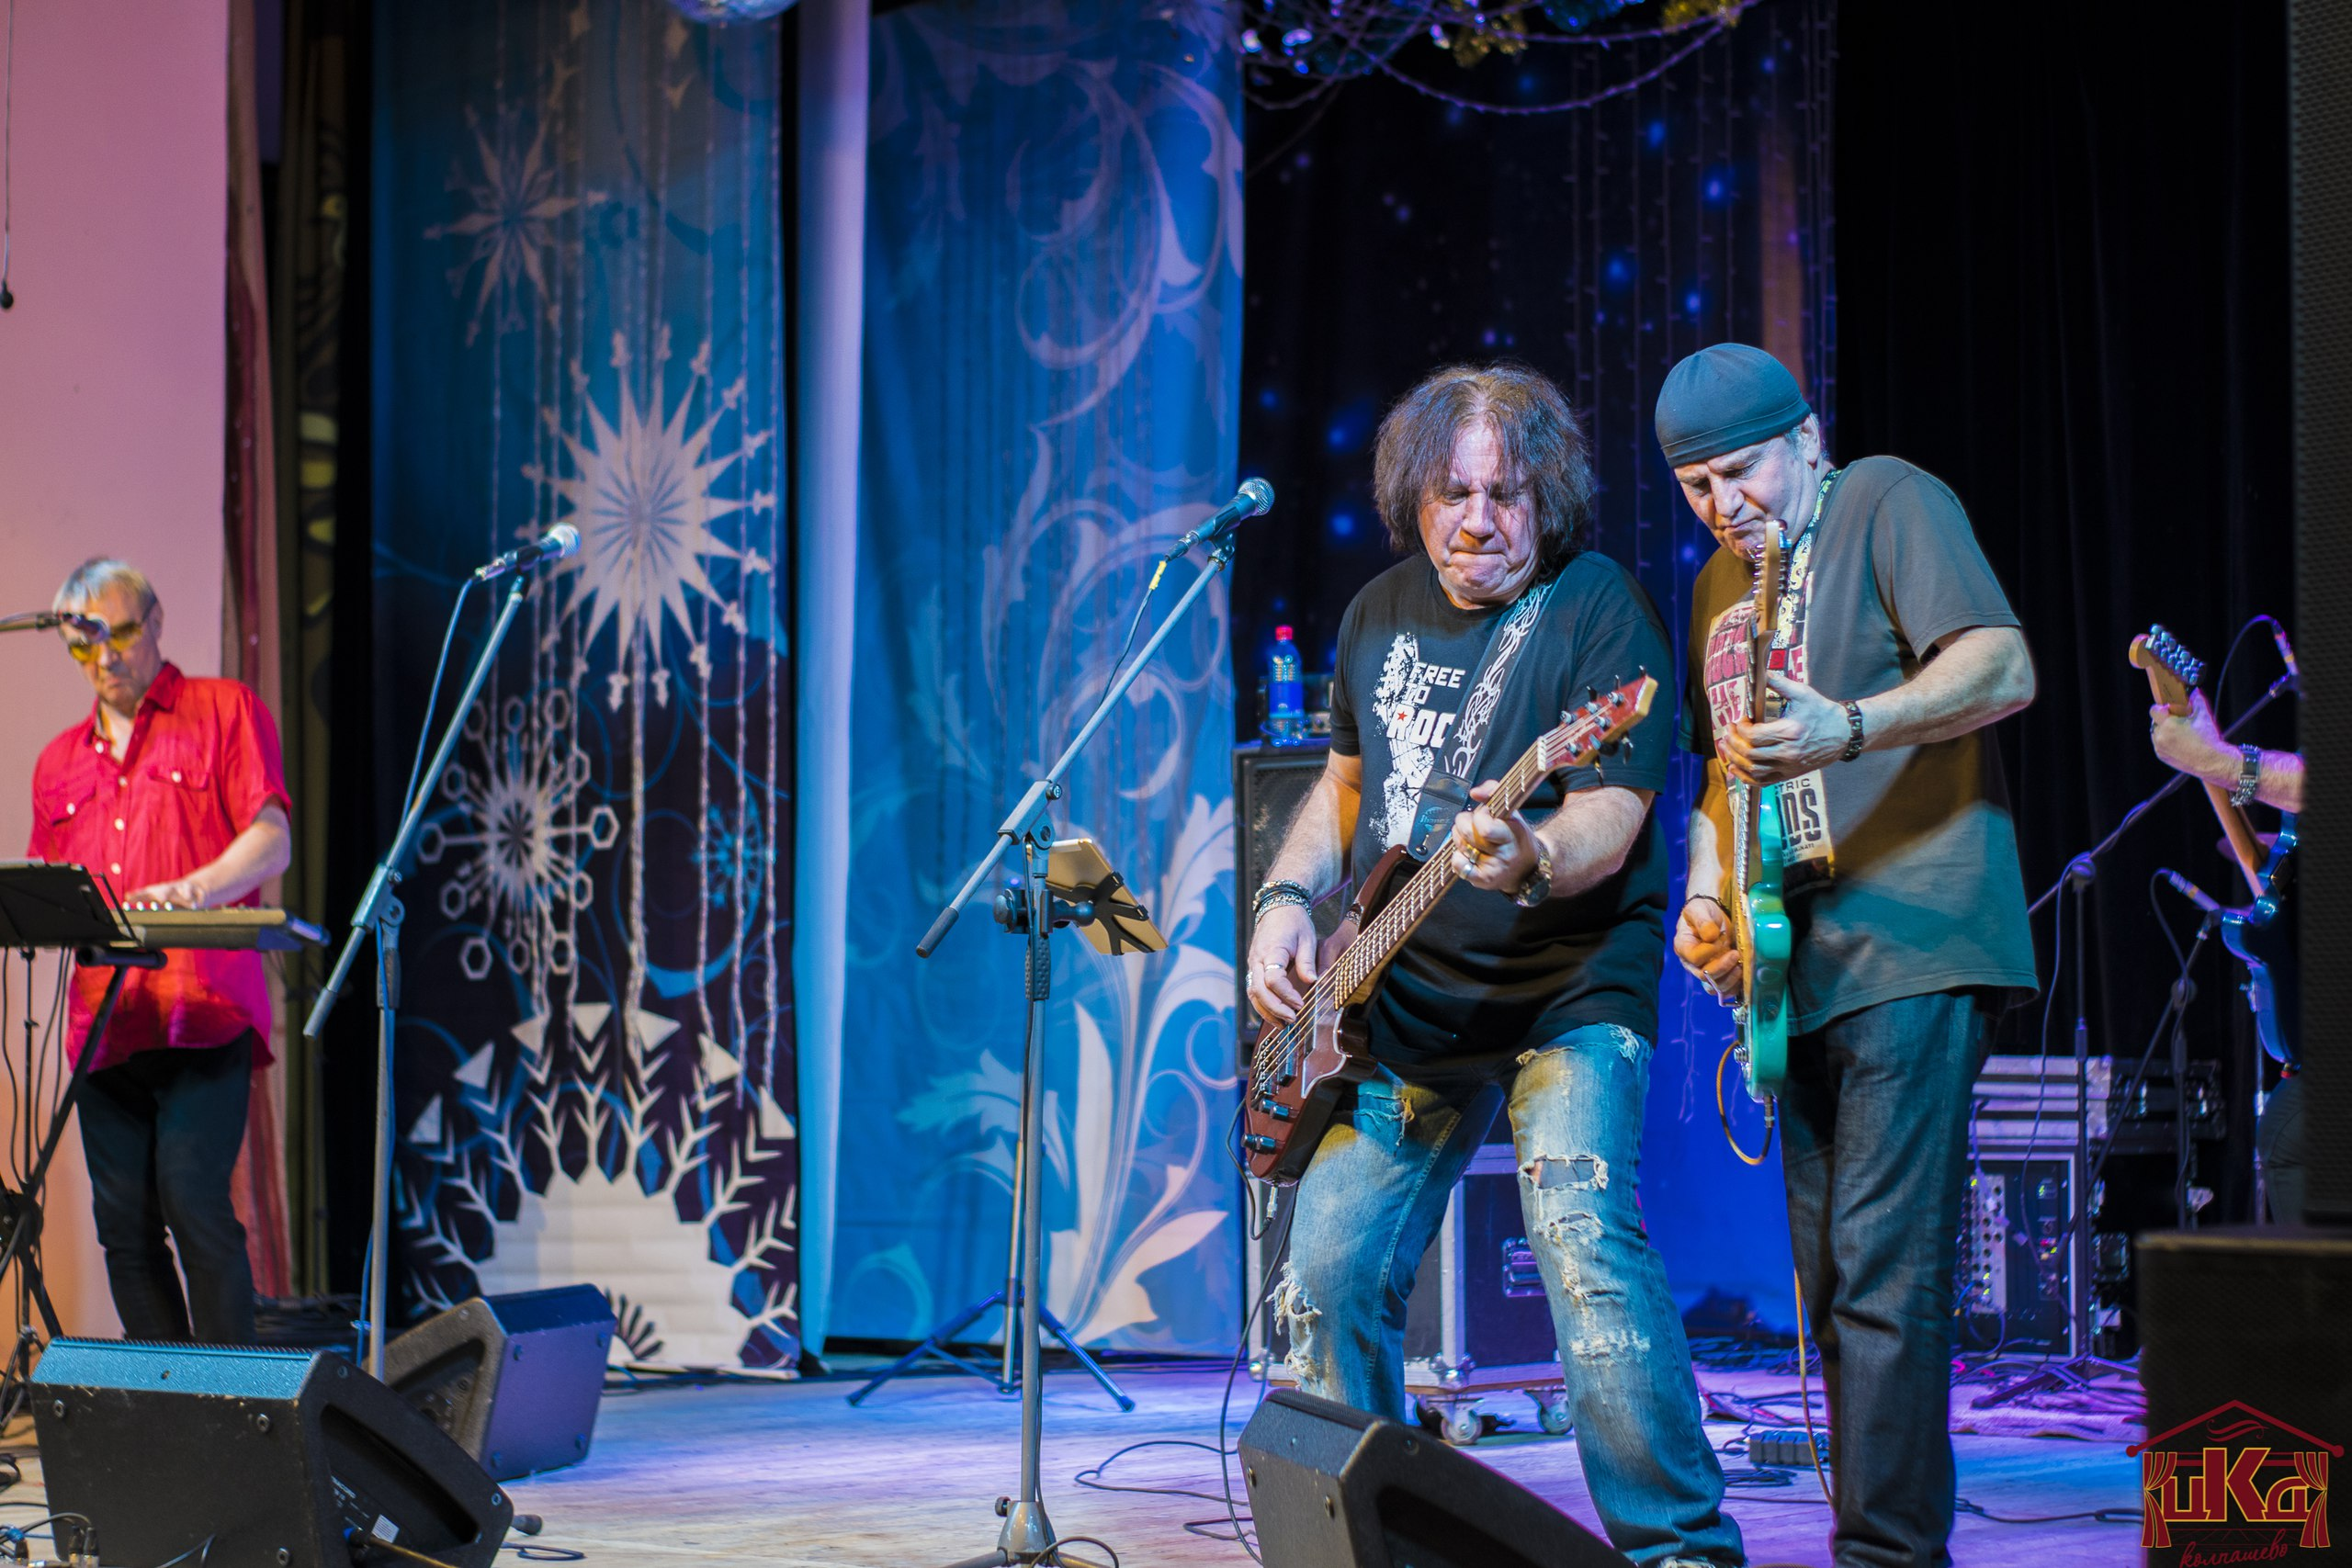 7 января в Городском Доме культуры состоялся концерт легендарной советской и российской рок-группы Стаса Намина «Цветы», организованный по поручению Главы Колпашевского района А.